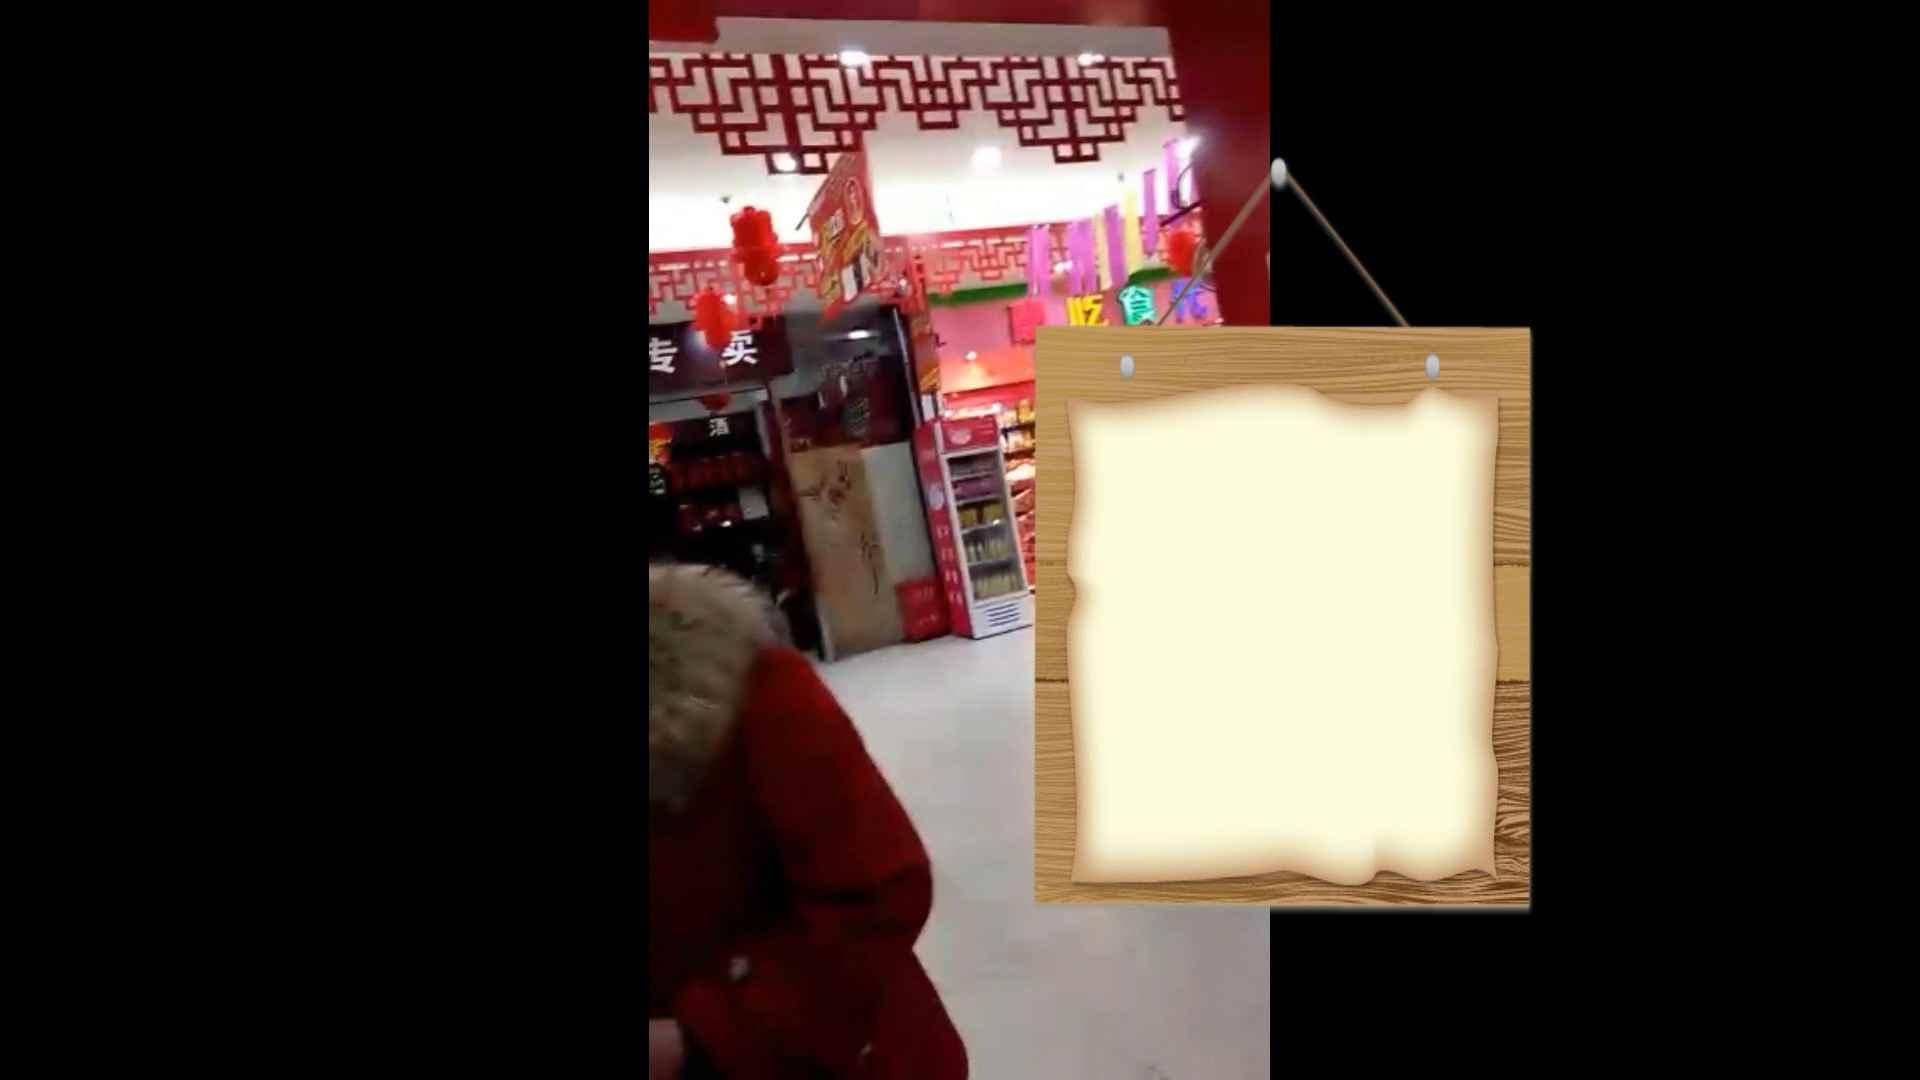 芸術大学ガチ潜入盗撮 JD盗撮 美女の洗面所の秘密 Vol.104 盗撮  58PIX 19